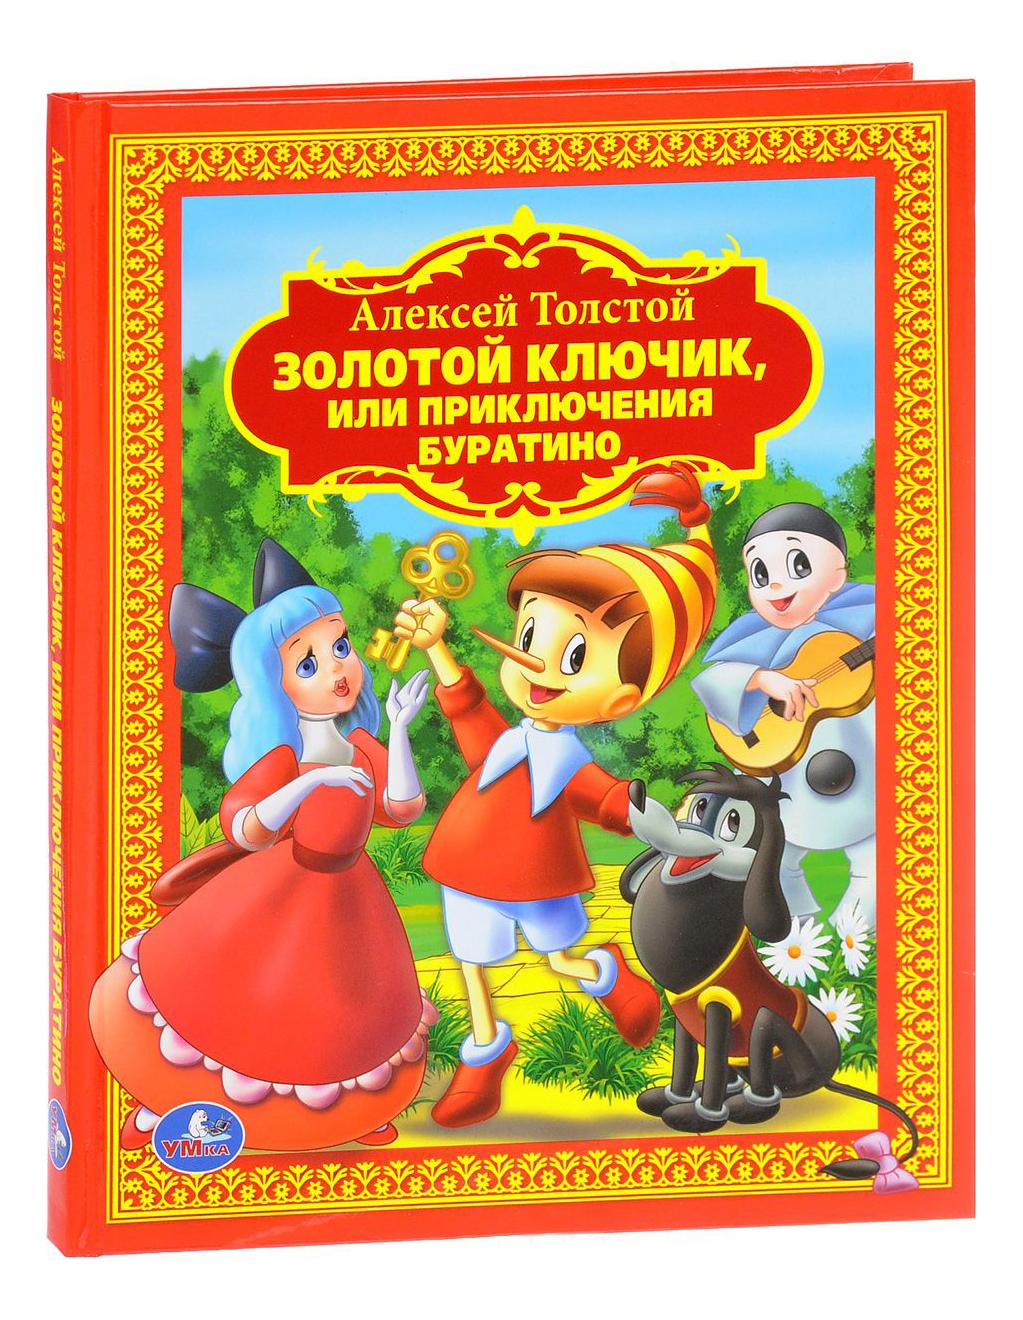 Золотой ключик Или приключения Буратино. Алексей толстой фото